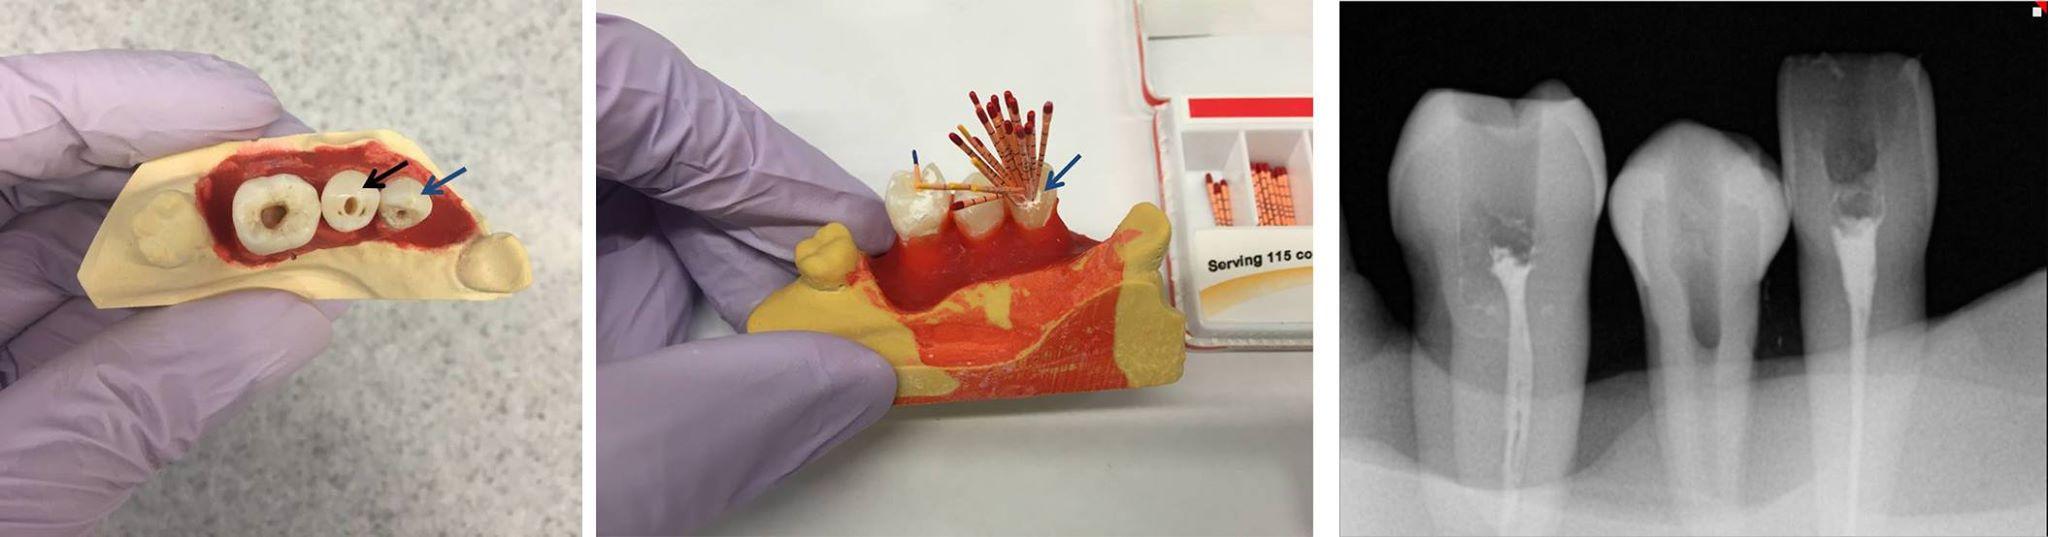 মডেলে extracted teeth এ RCT চর্চা করা।